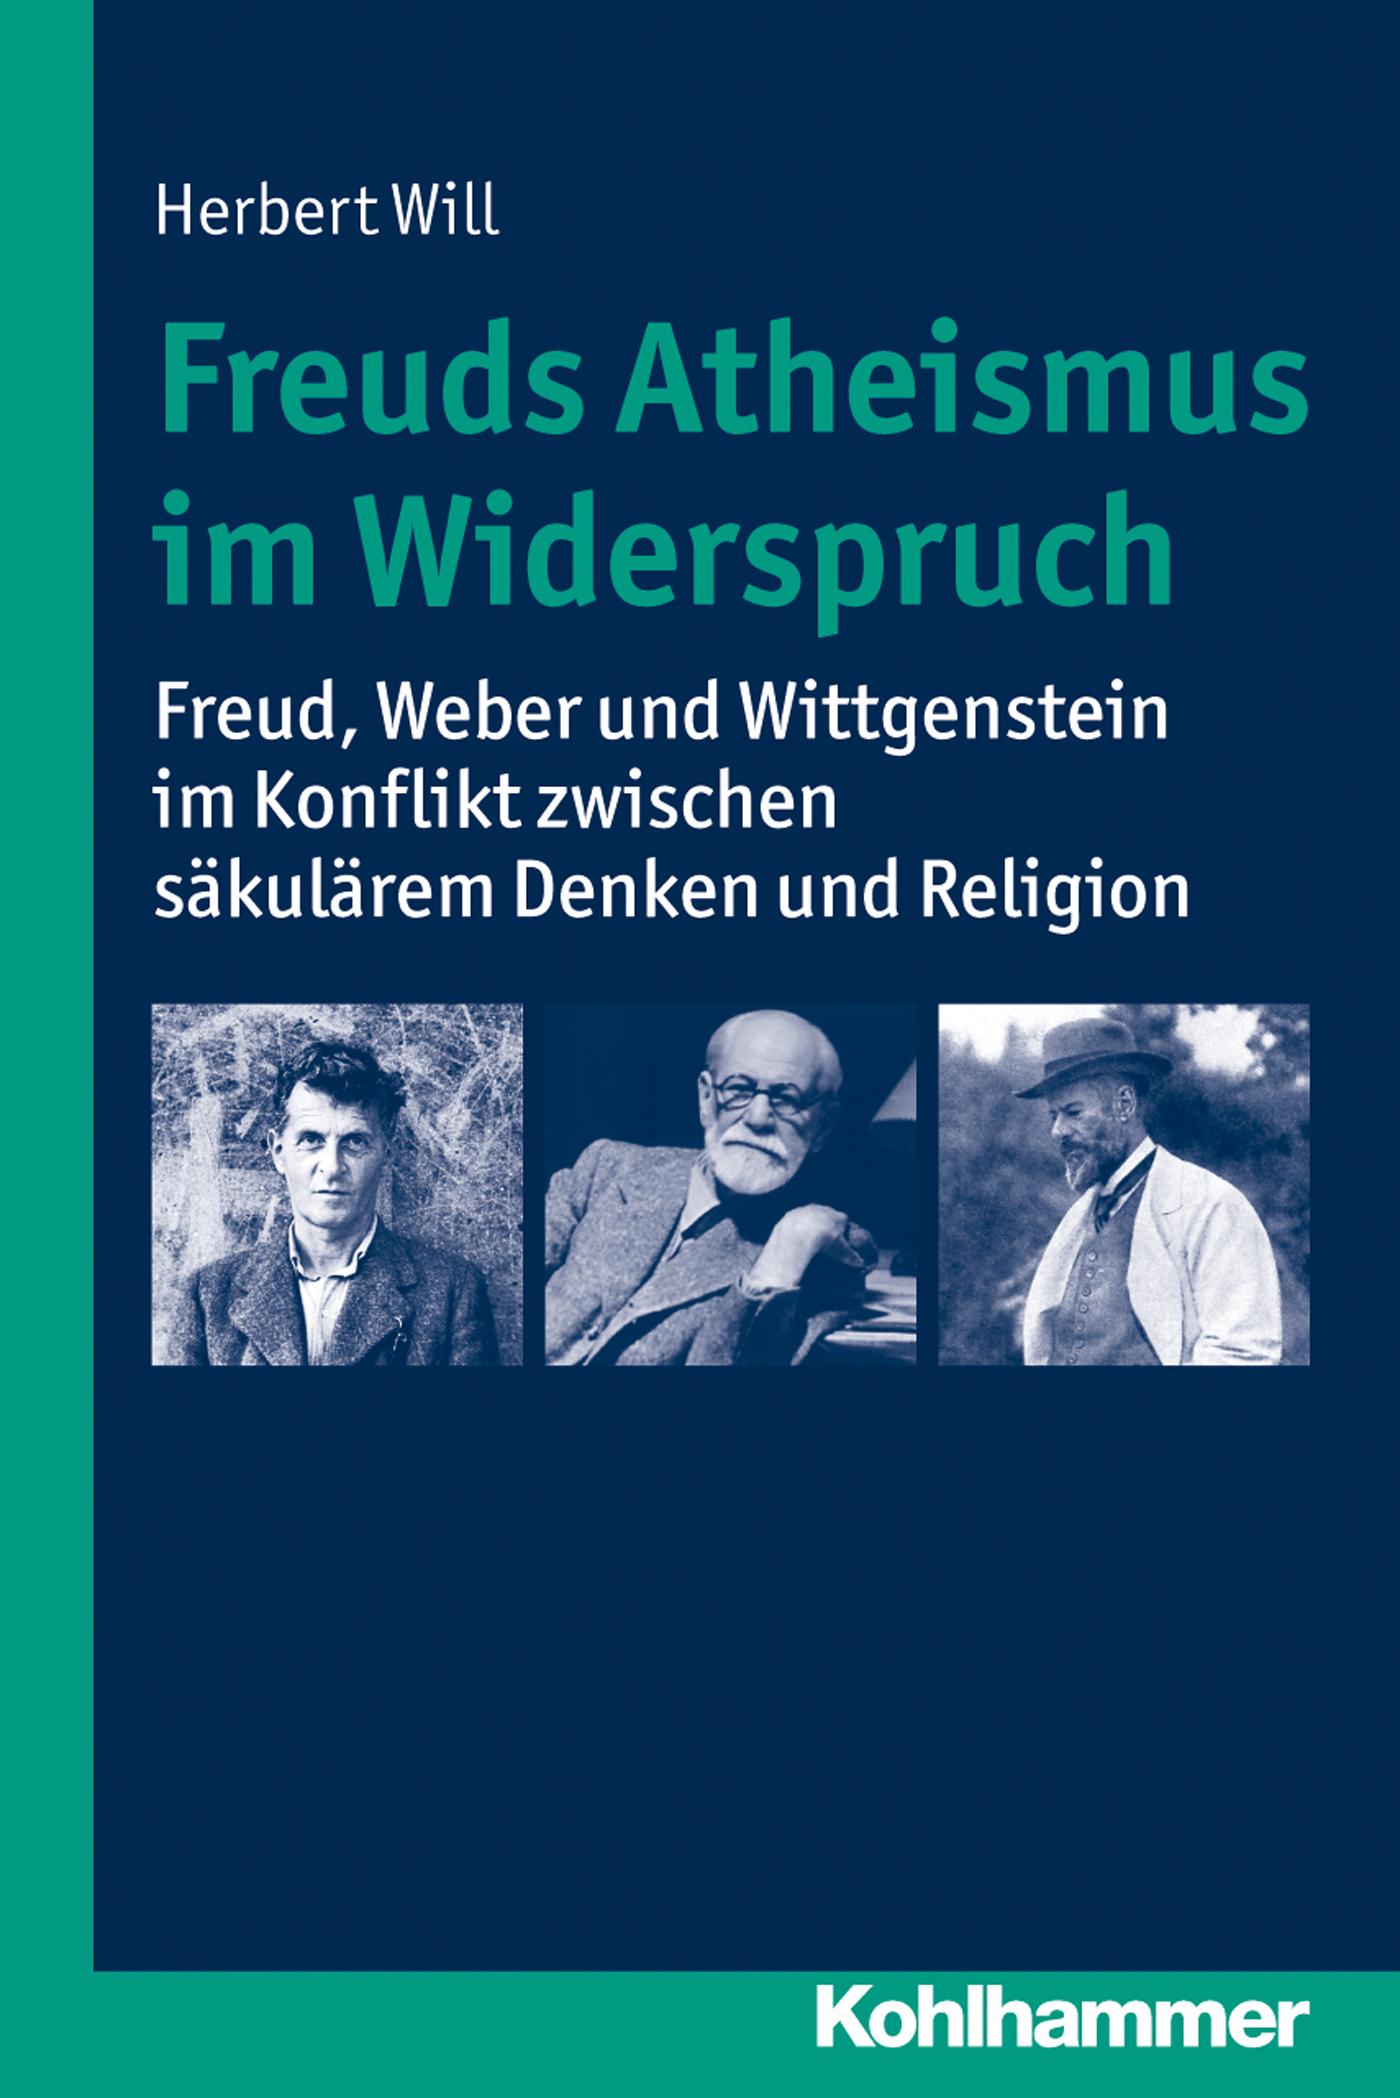 Herbert Will Freuds Atheismus im Widerspruch herbert band differenzierte strategien zur leistungsbeurteilung im franzosischunterricht an hoheren schulen